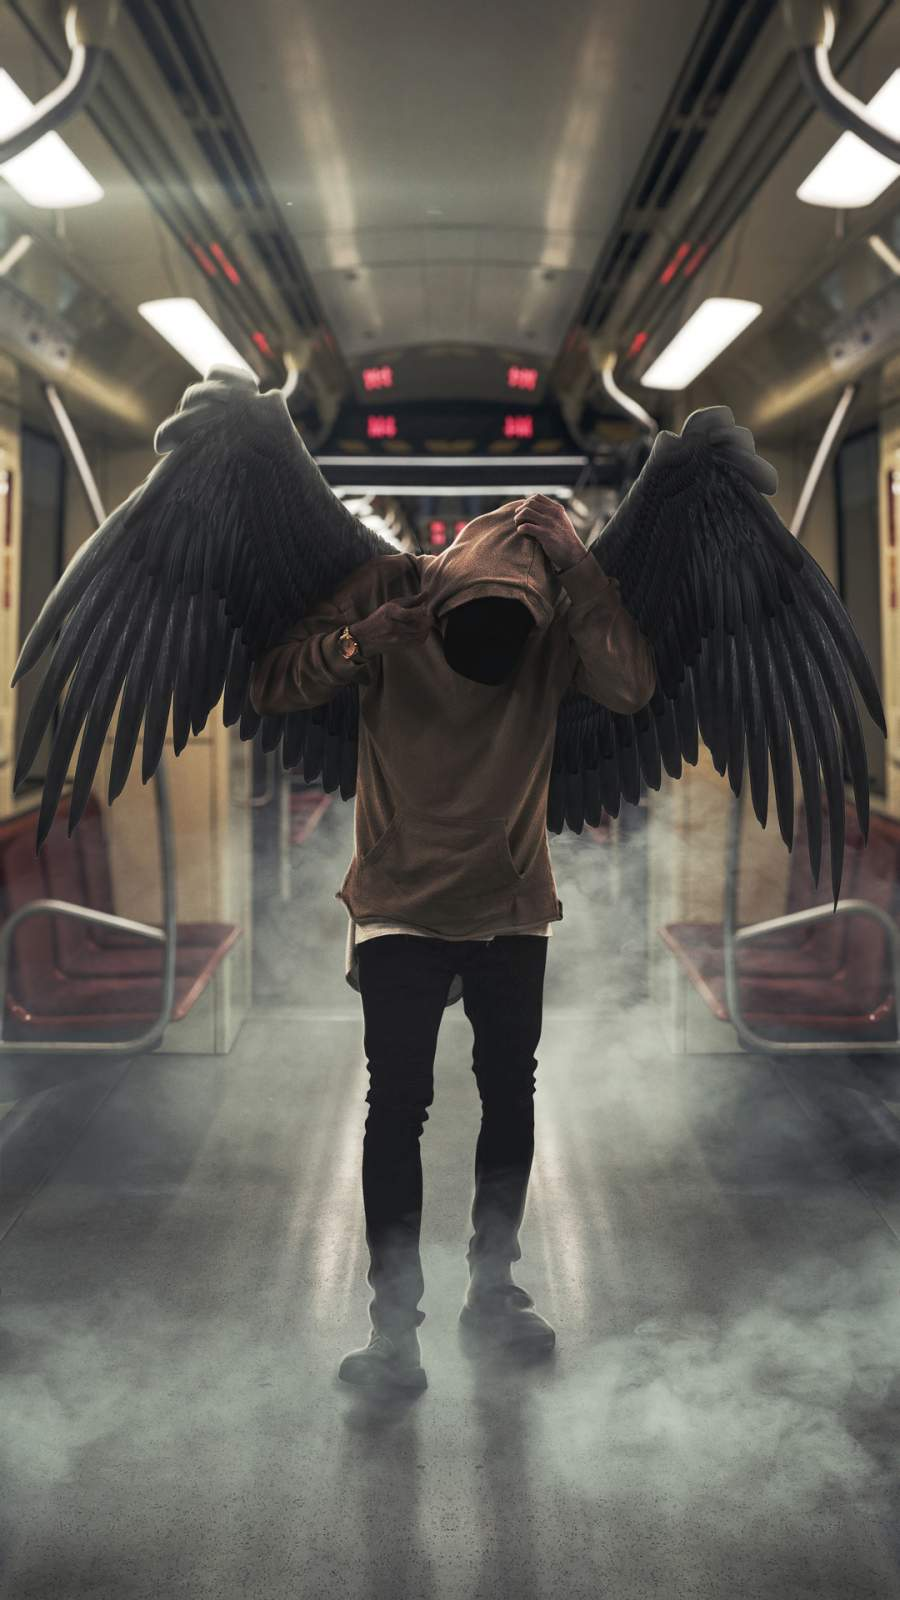 Hoodie Angel iPhone Wallpaper